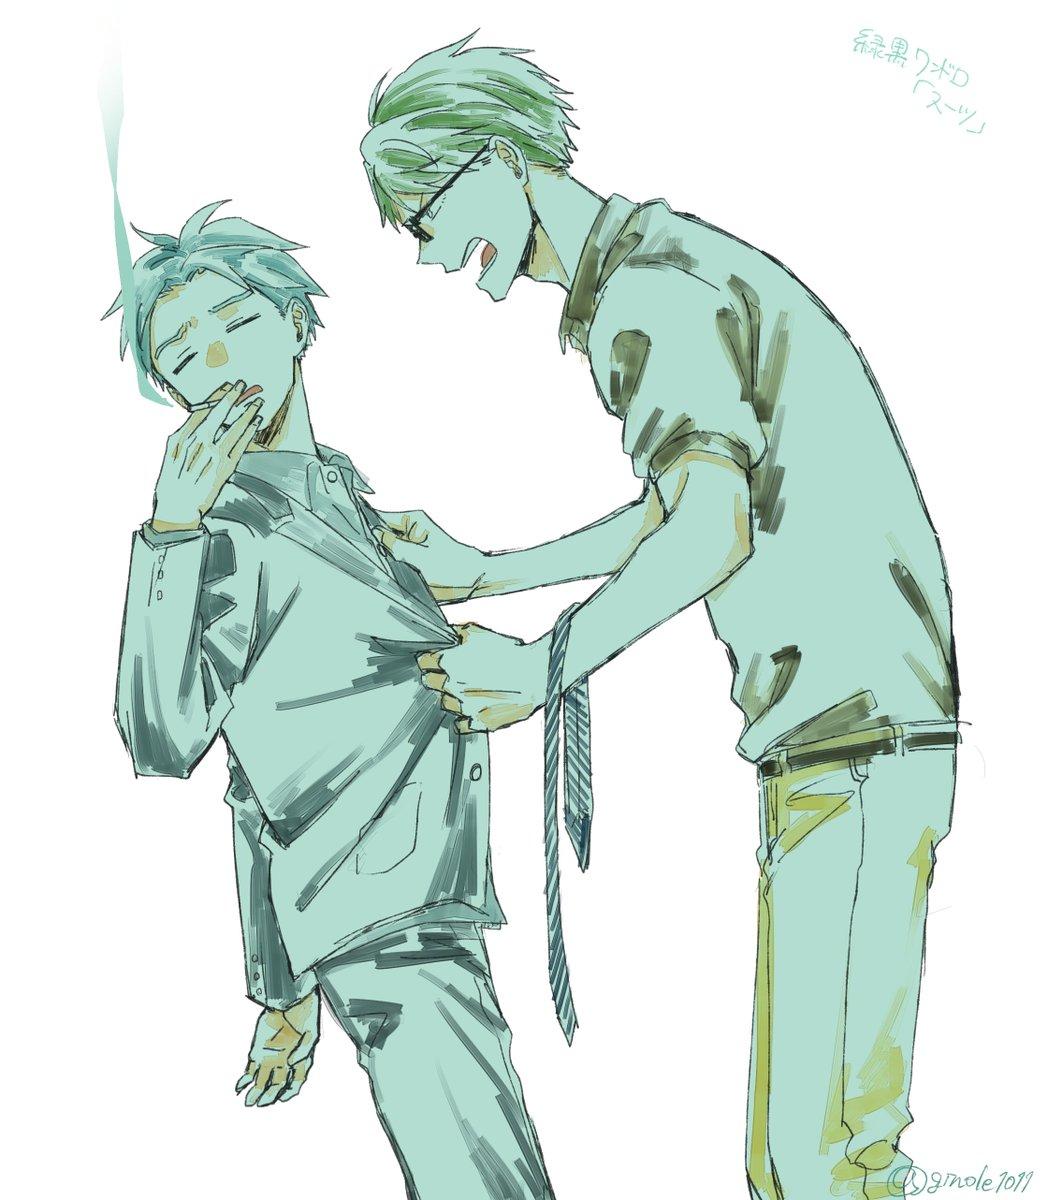 緑黒ワンドロお題「スーツ」(@yurutto_mdkr60 ) 成人済み喫煙注意 なんらかの式典に出るのめんどい黒子